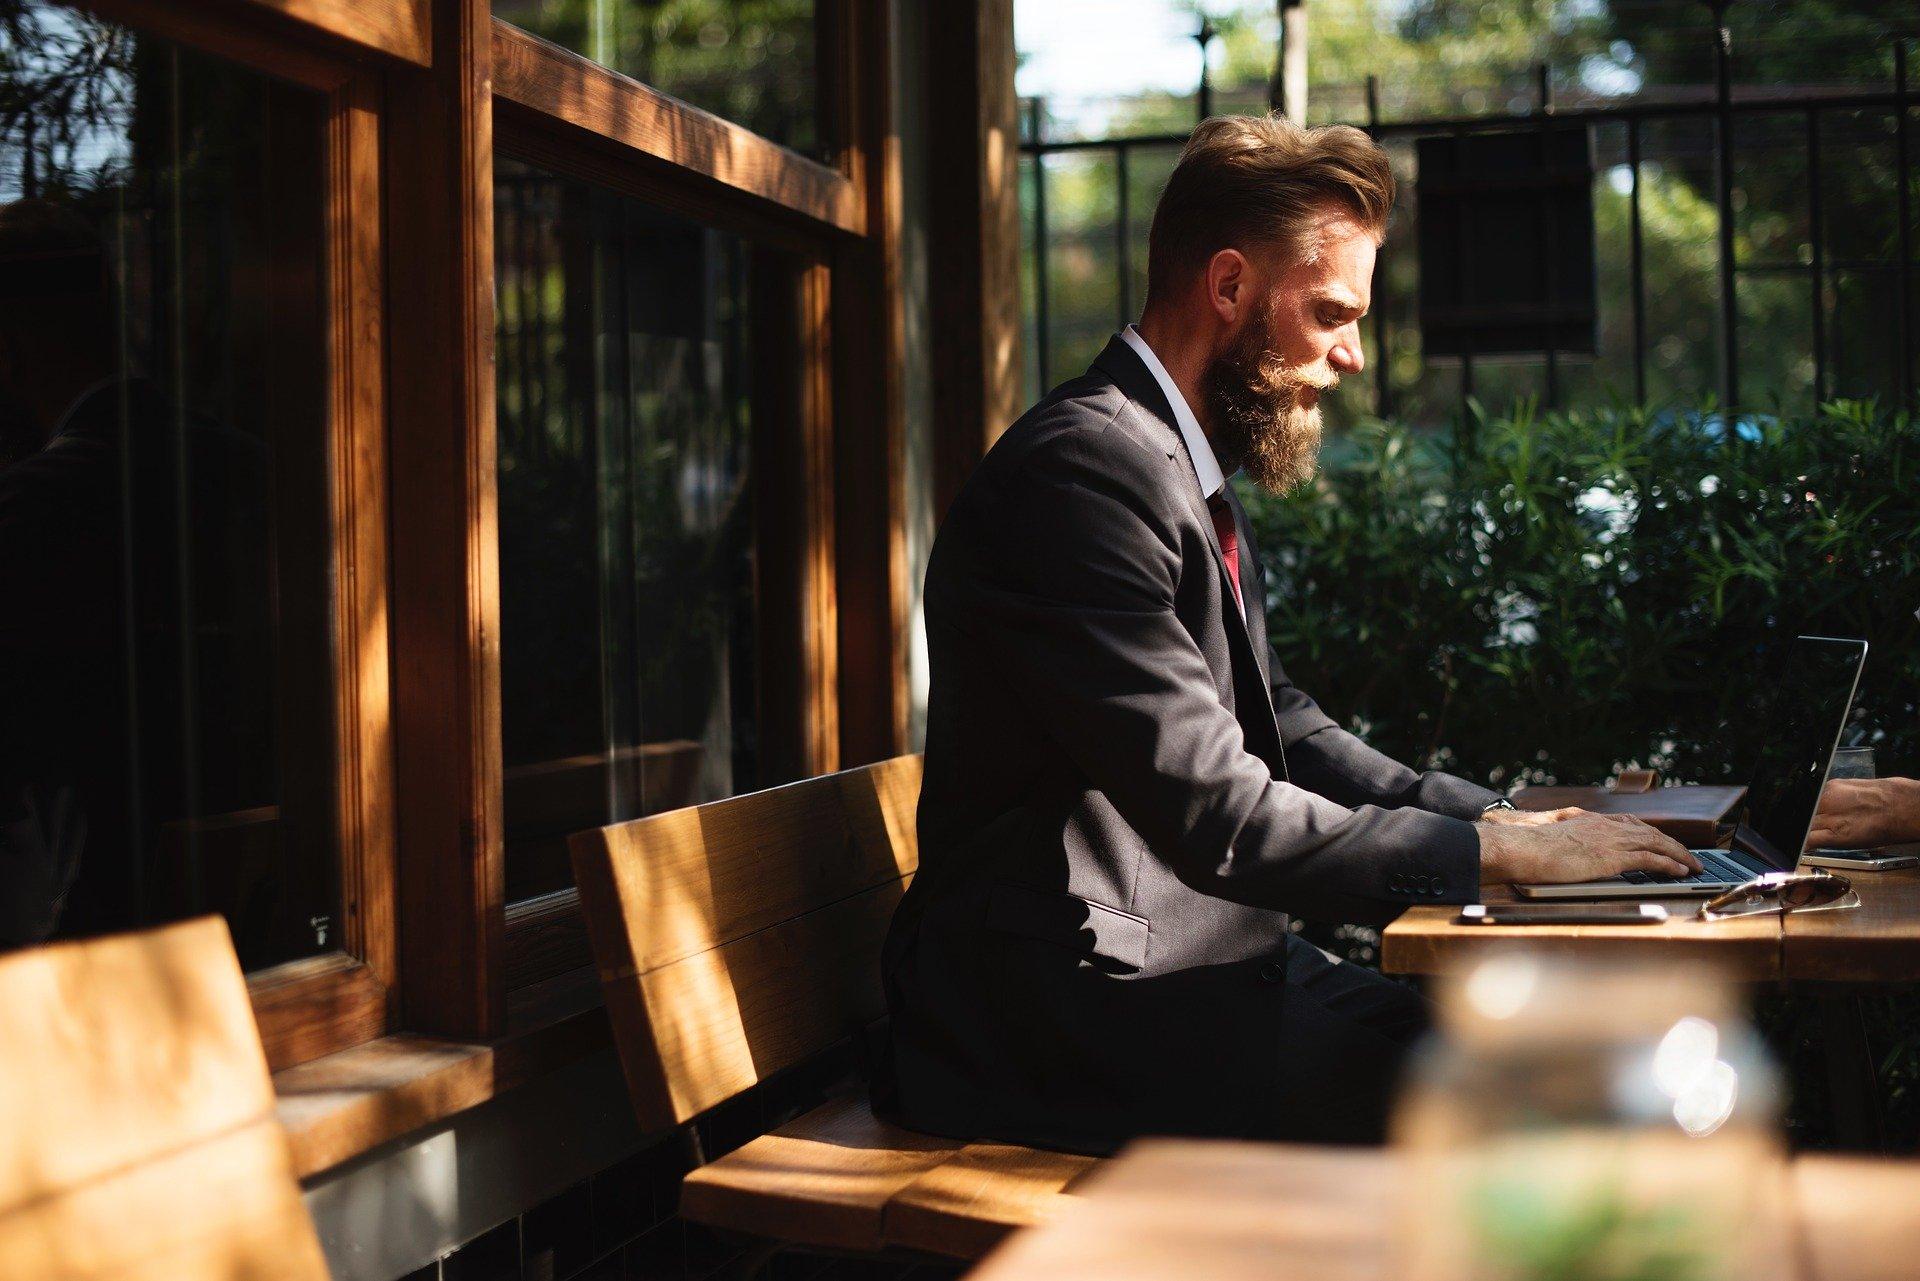 mand, computer, arbejde, forretning